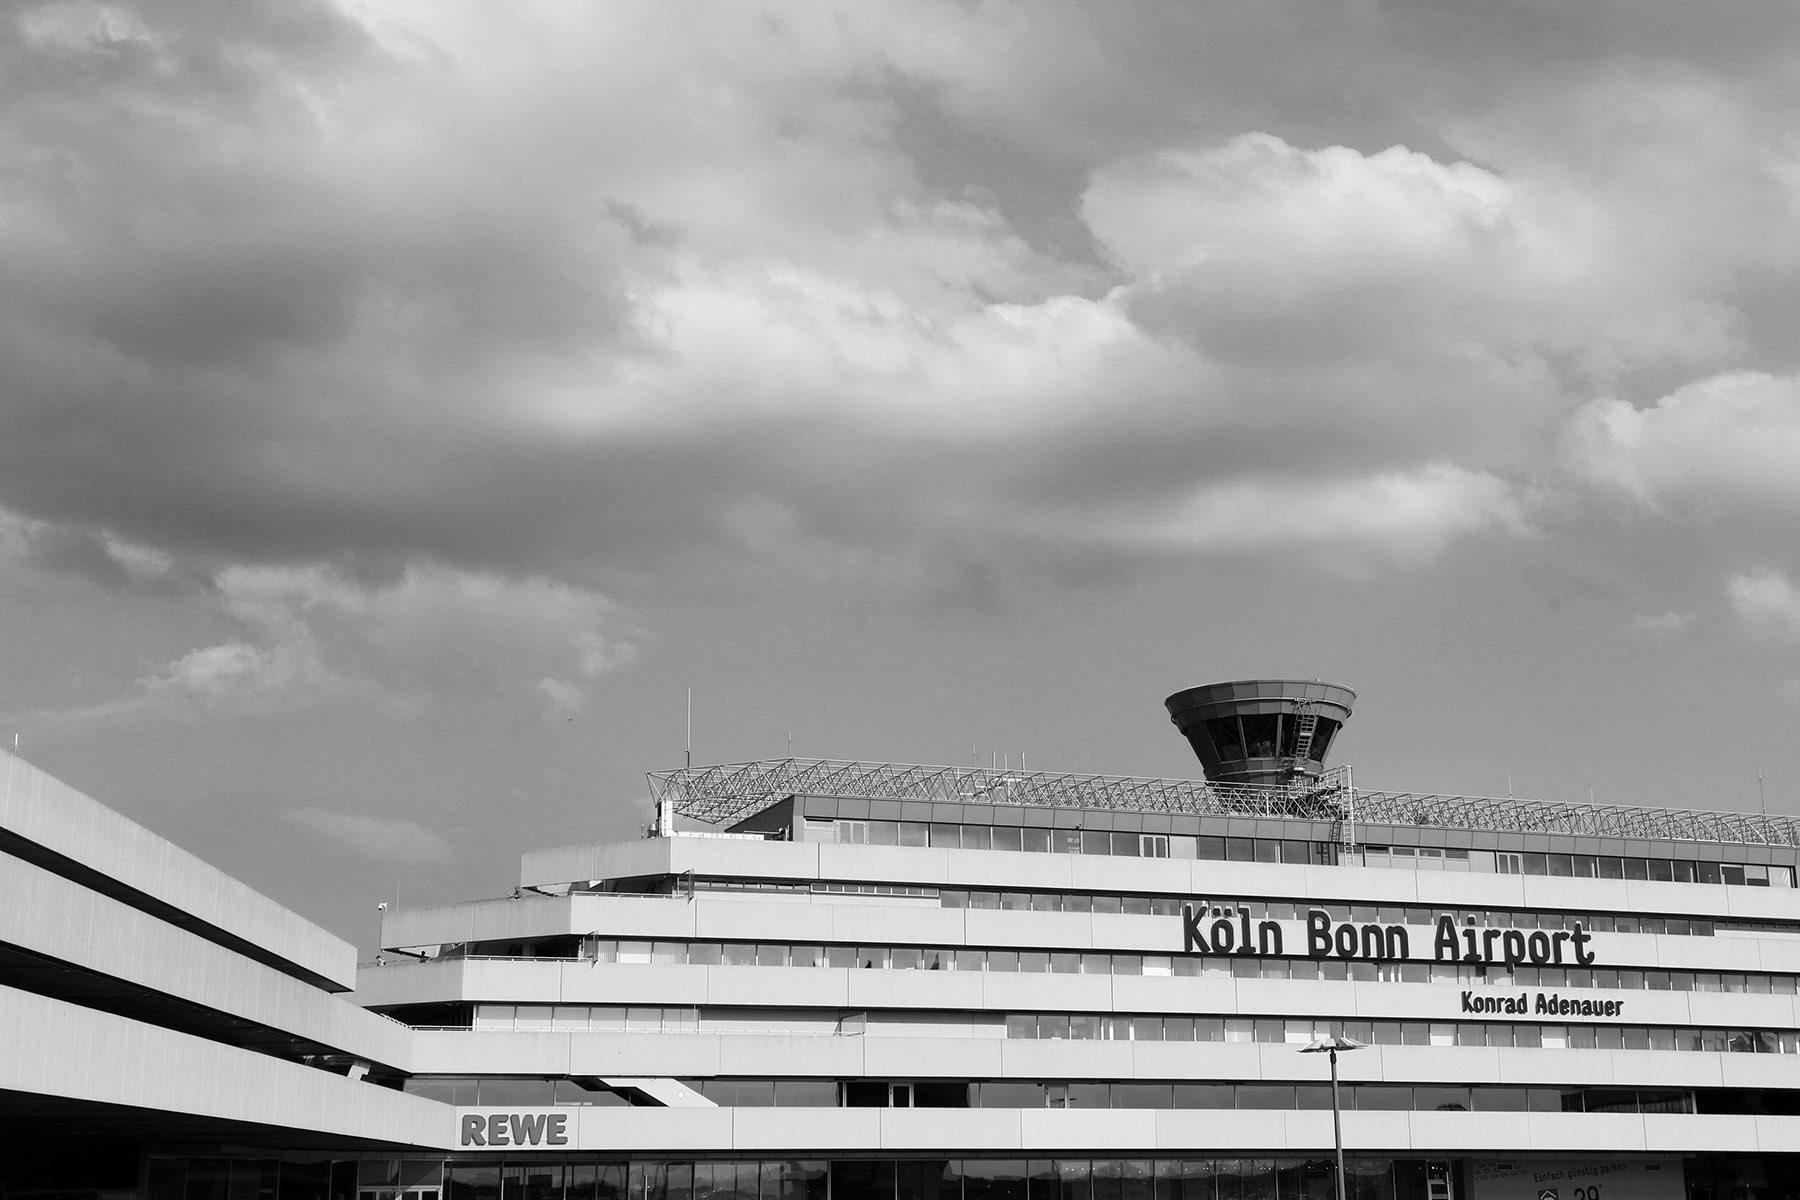 """Flughafen Köln Bonn. Sein Drive-In-Konzept: ein Flughafen der kurzen Weg. Die Erweiterung """"Starwalk"""" wurde von Helmut Jahn geplant, ebenso Terminal 1 (Eröffnung: 2000) und der Bahnhof (Eröffnung: 2004)."""